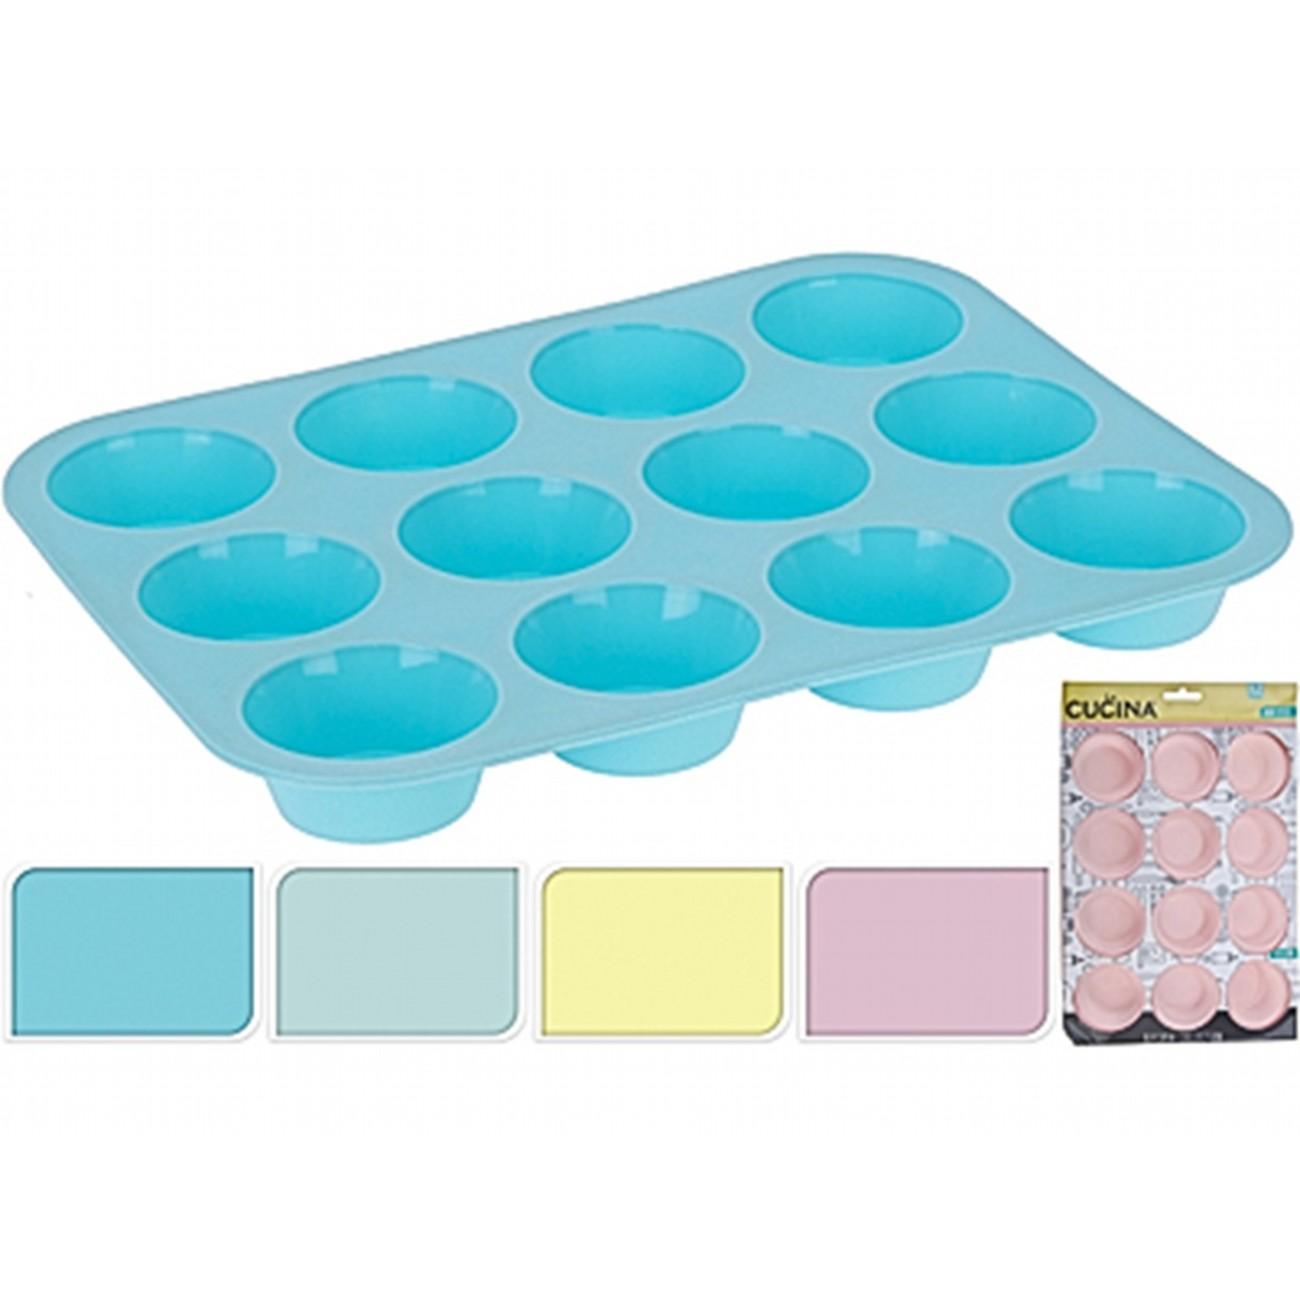 Форма для выпекания, силиконоваяExcellent Houseware производит посуду и различные предметы для дома. Форма для выпекания - необходимый аксессуар современной хозяйки. С ее помощью можно испечь вкусное и красивое блюдо к чаю. Внимание! Выбирать цвет заранее не представляется возможным.<br>